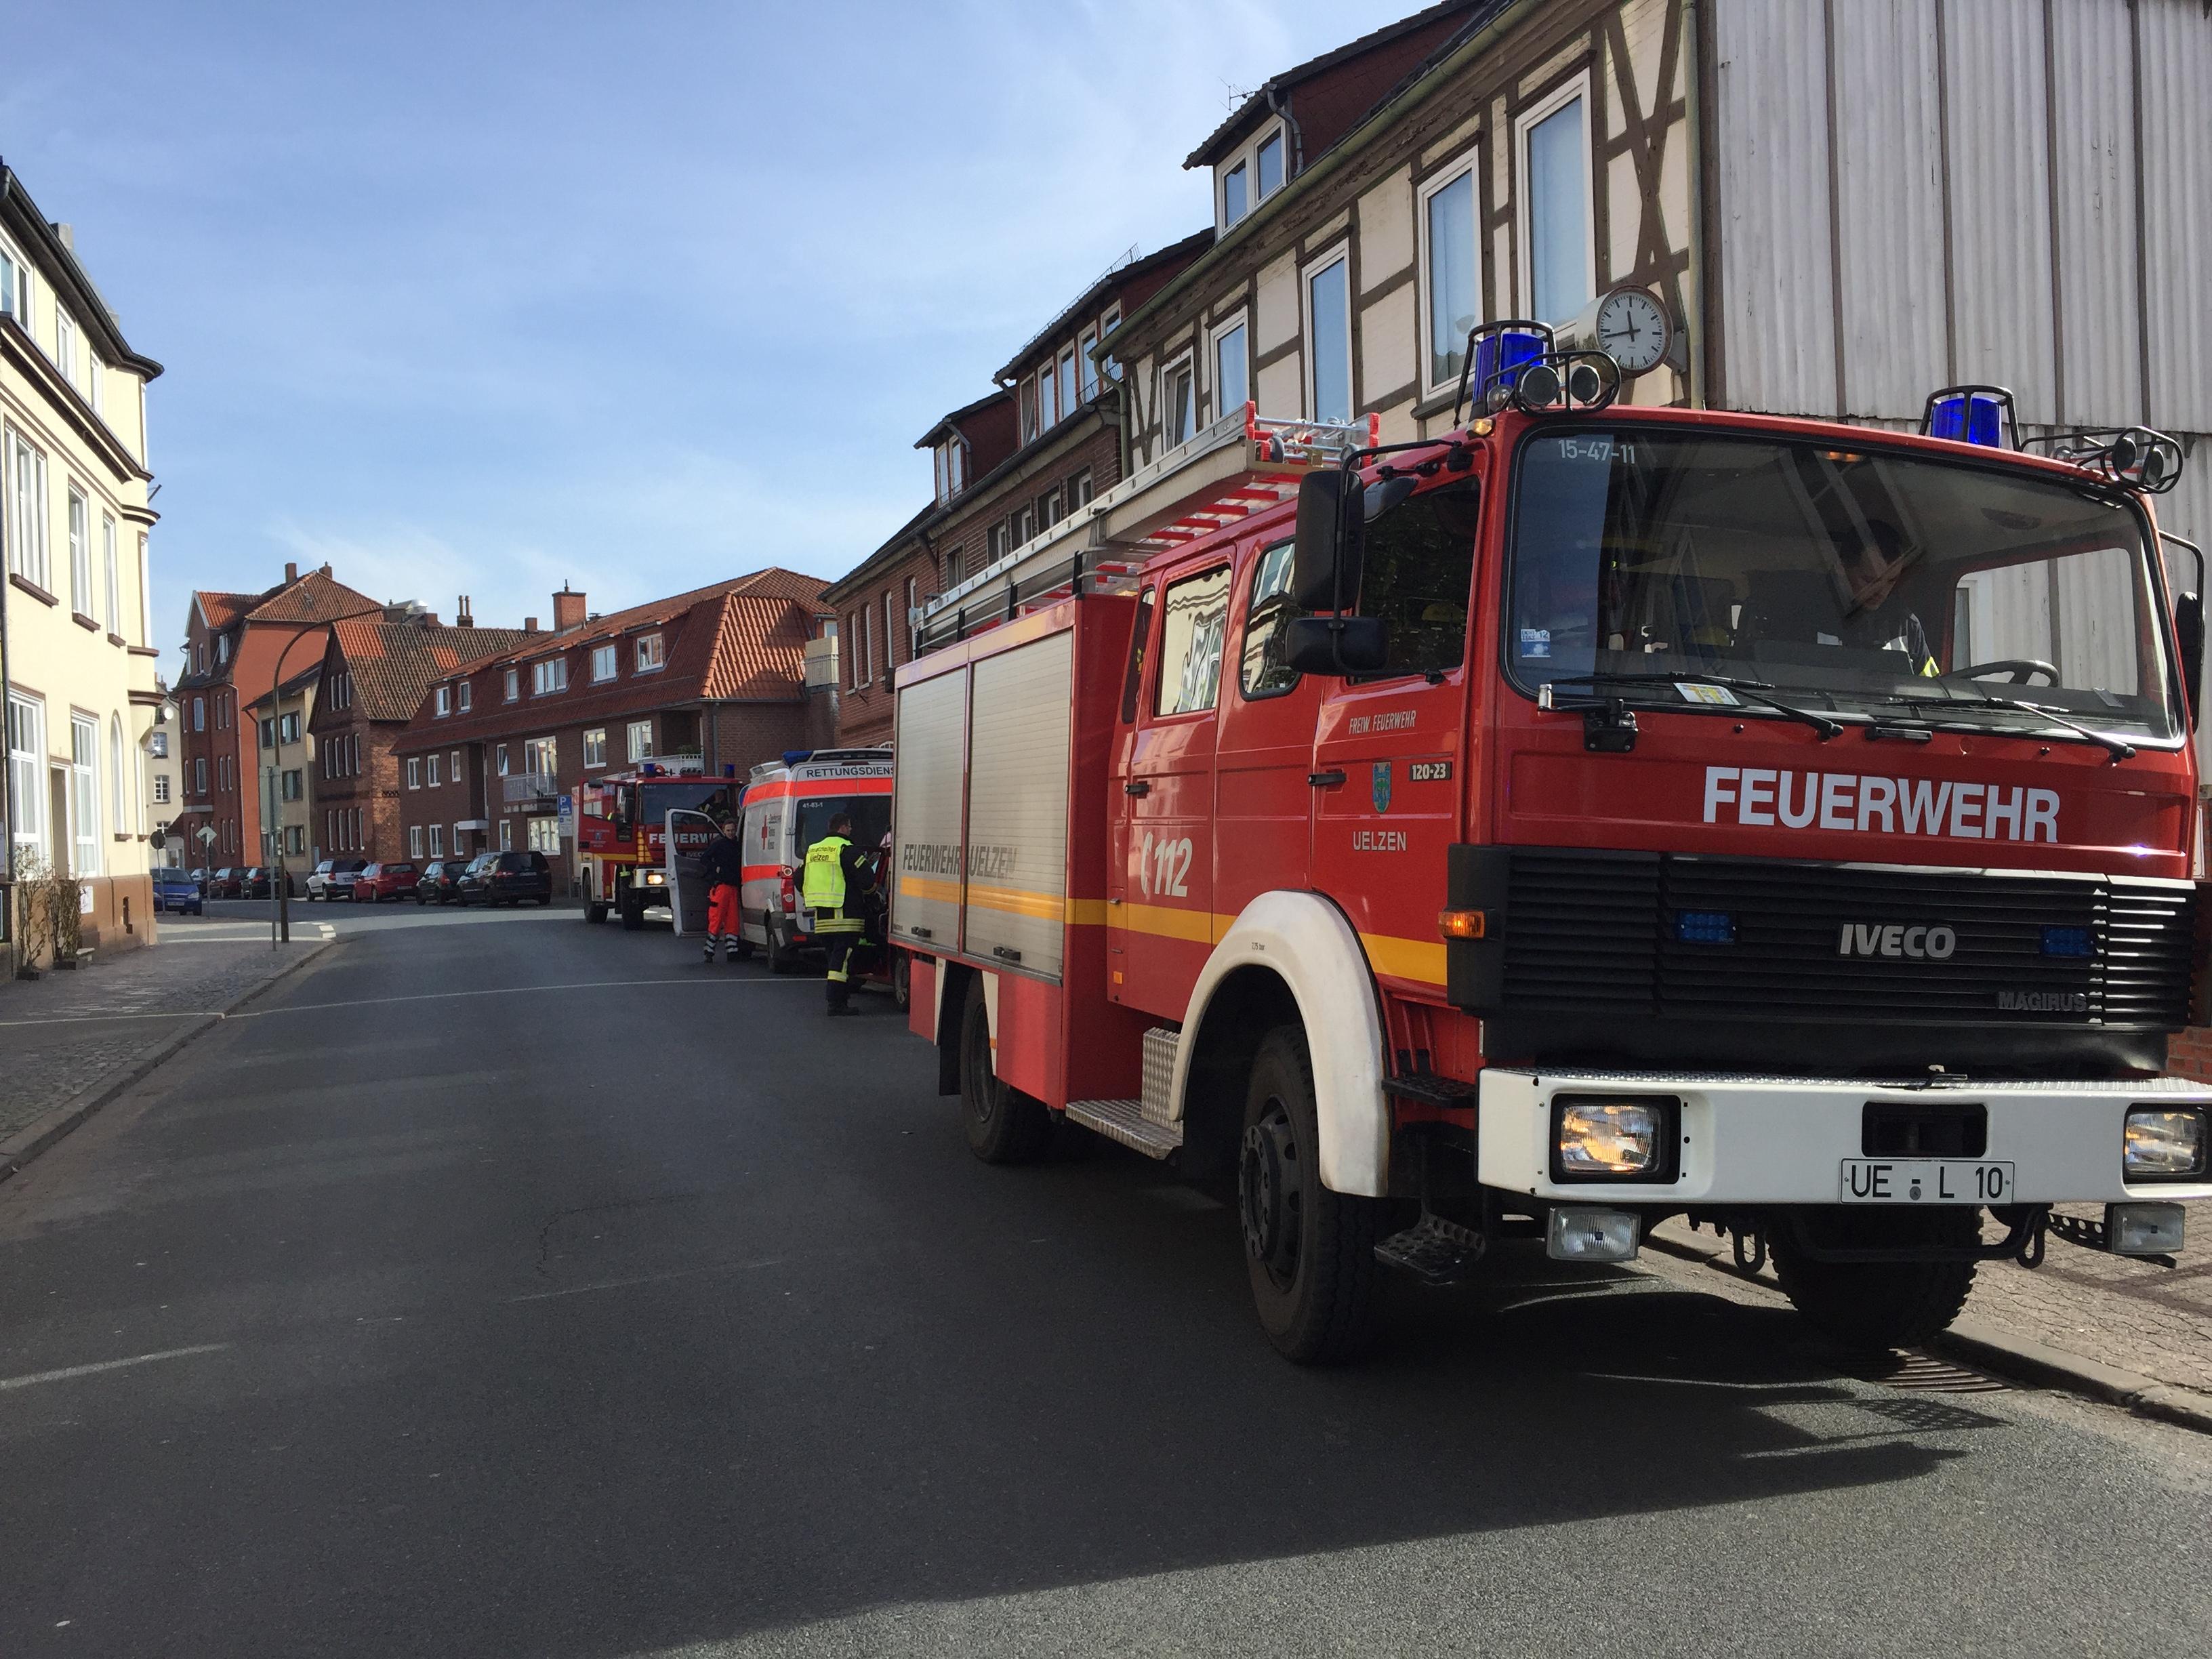 072. Rauchwarnmelder in Mehrfamilienhaus ausgelöst